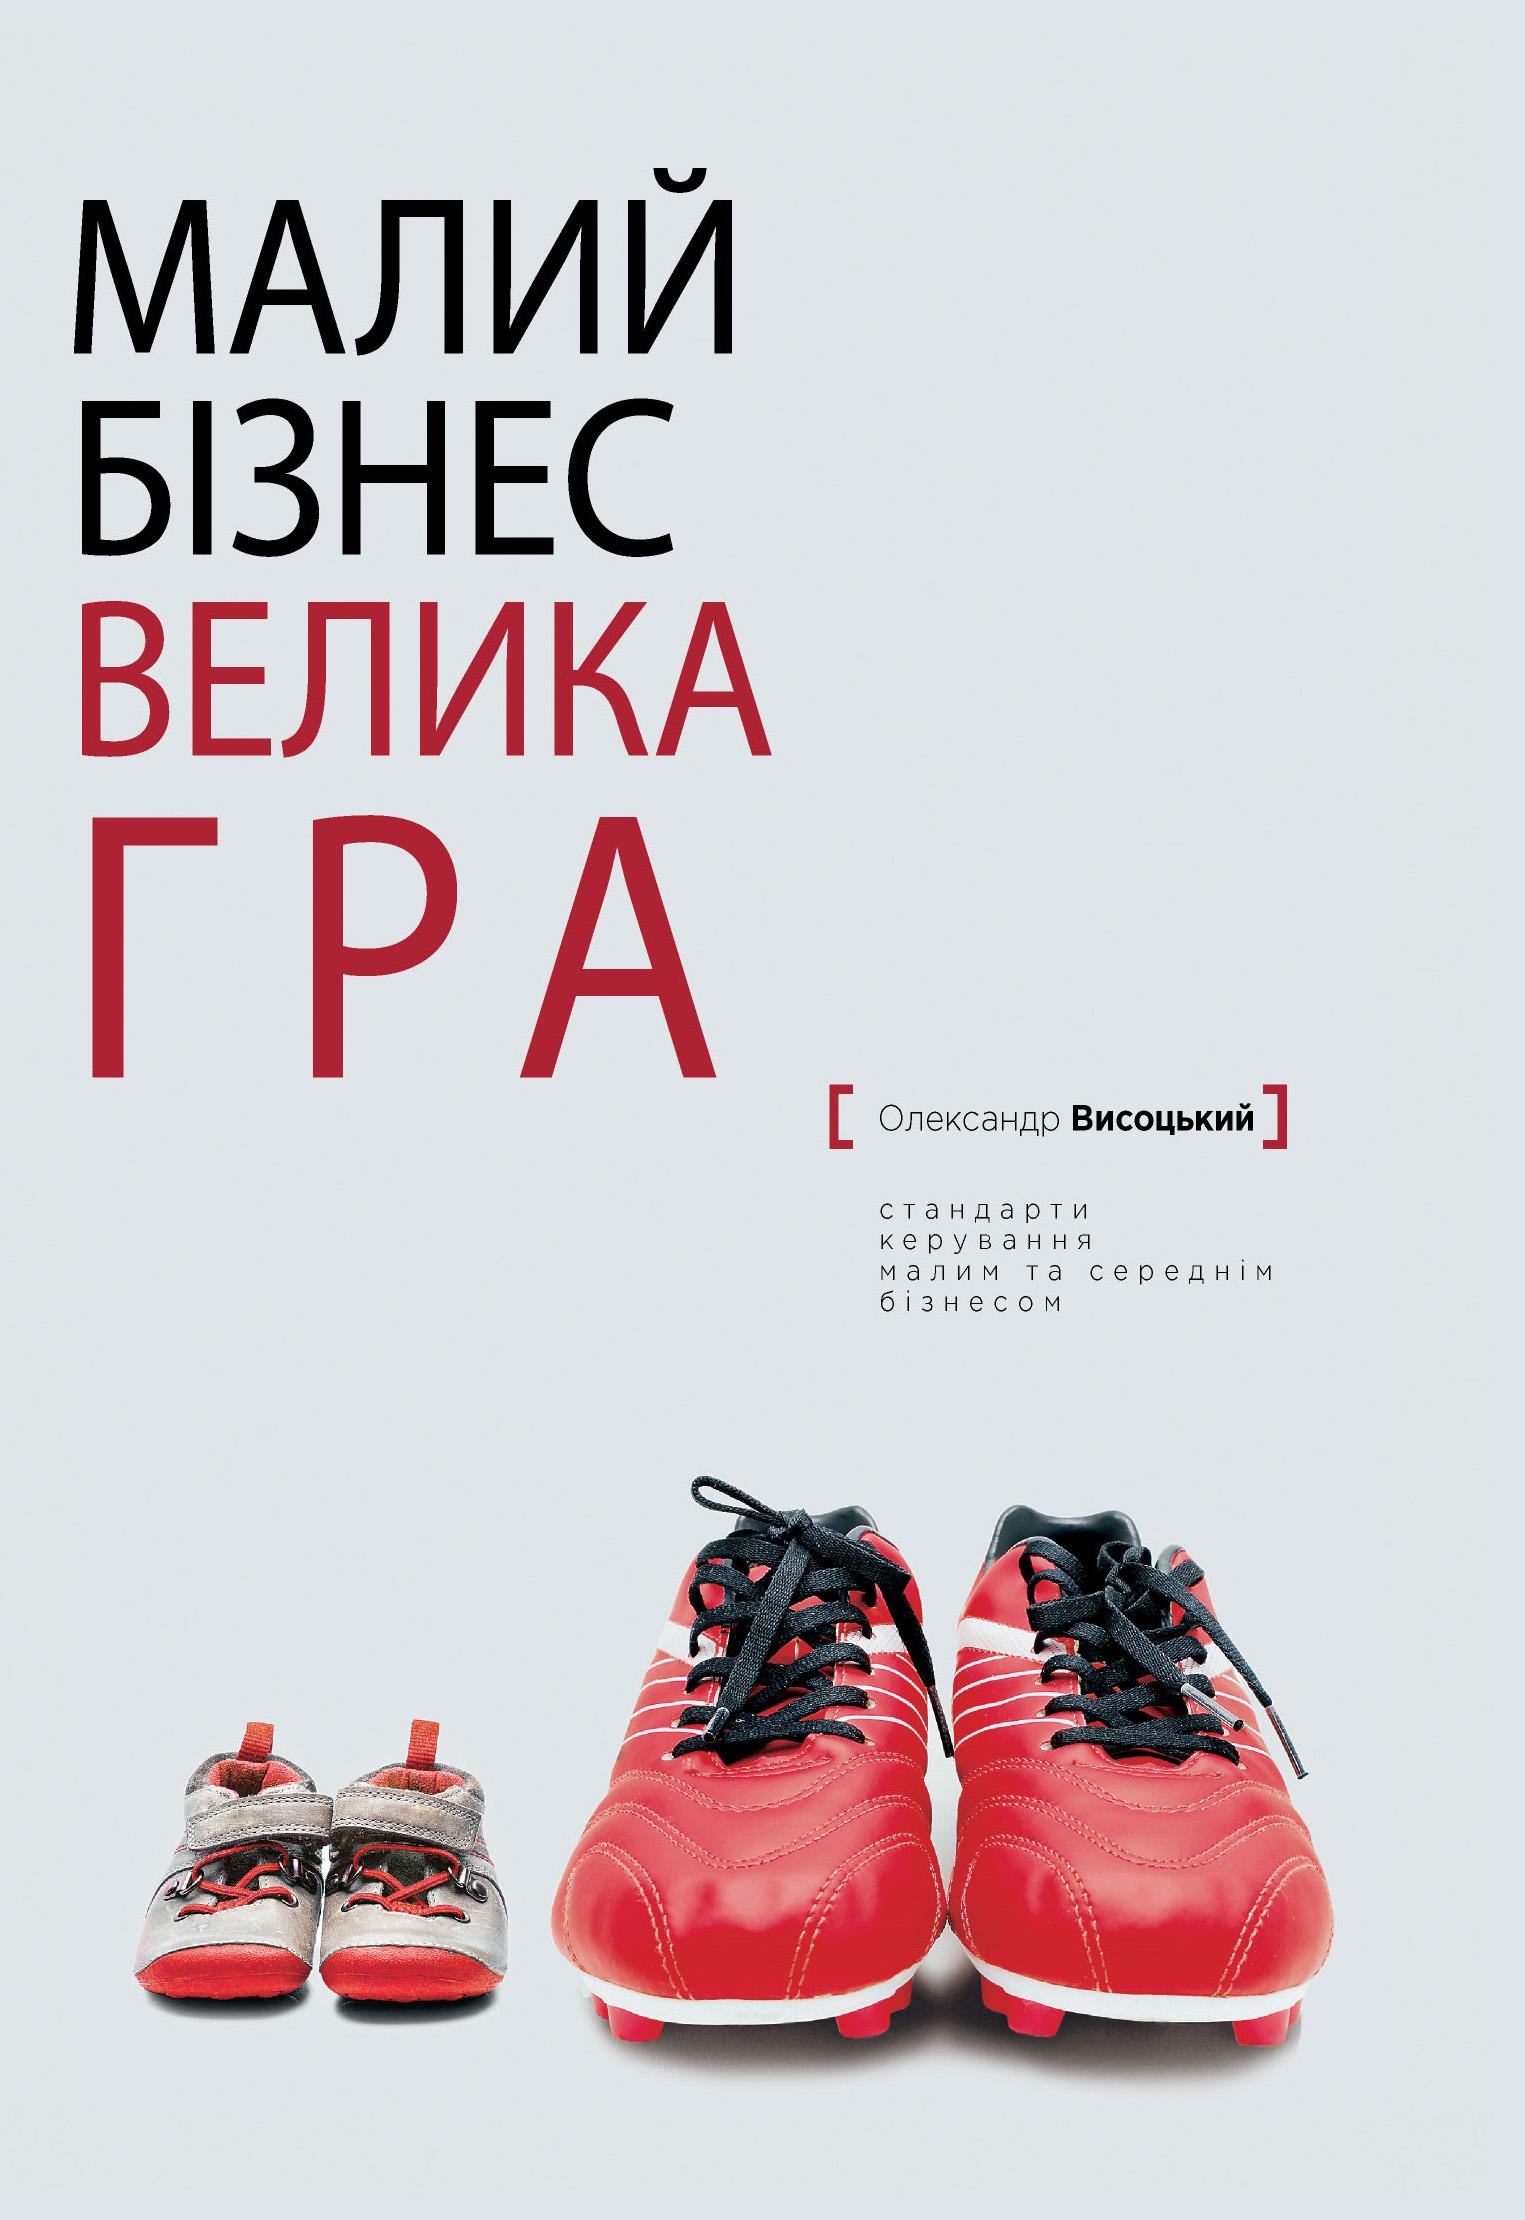 Купить книгу Малий бiзнес, велика гра, автора Александра Александровича Высоцкого